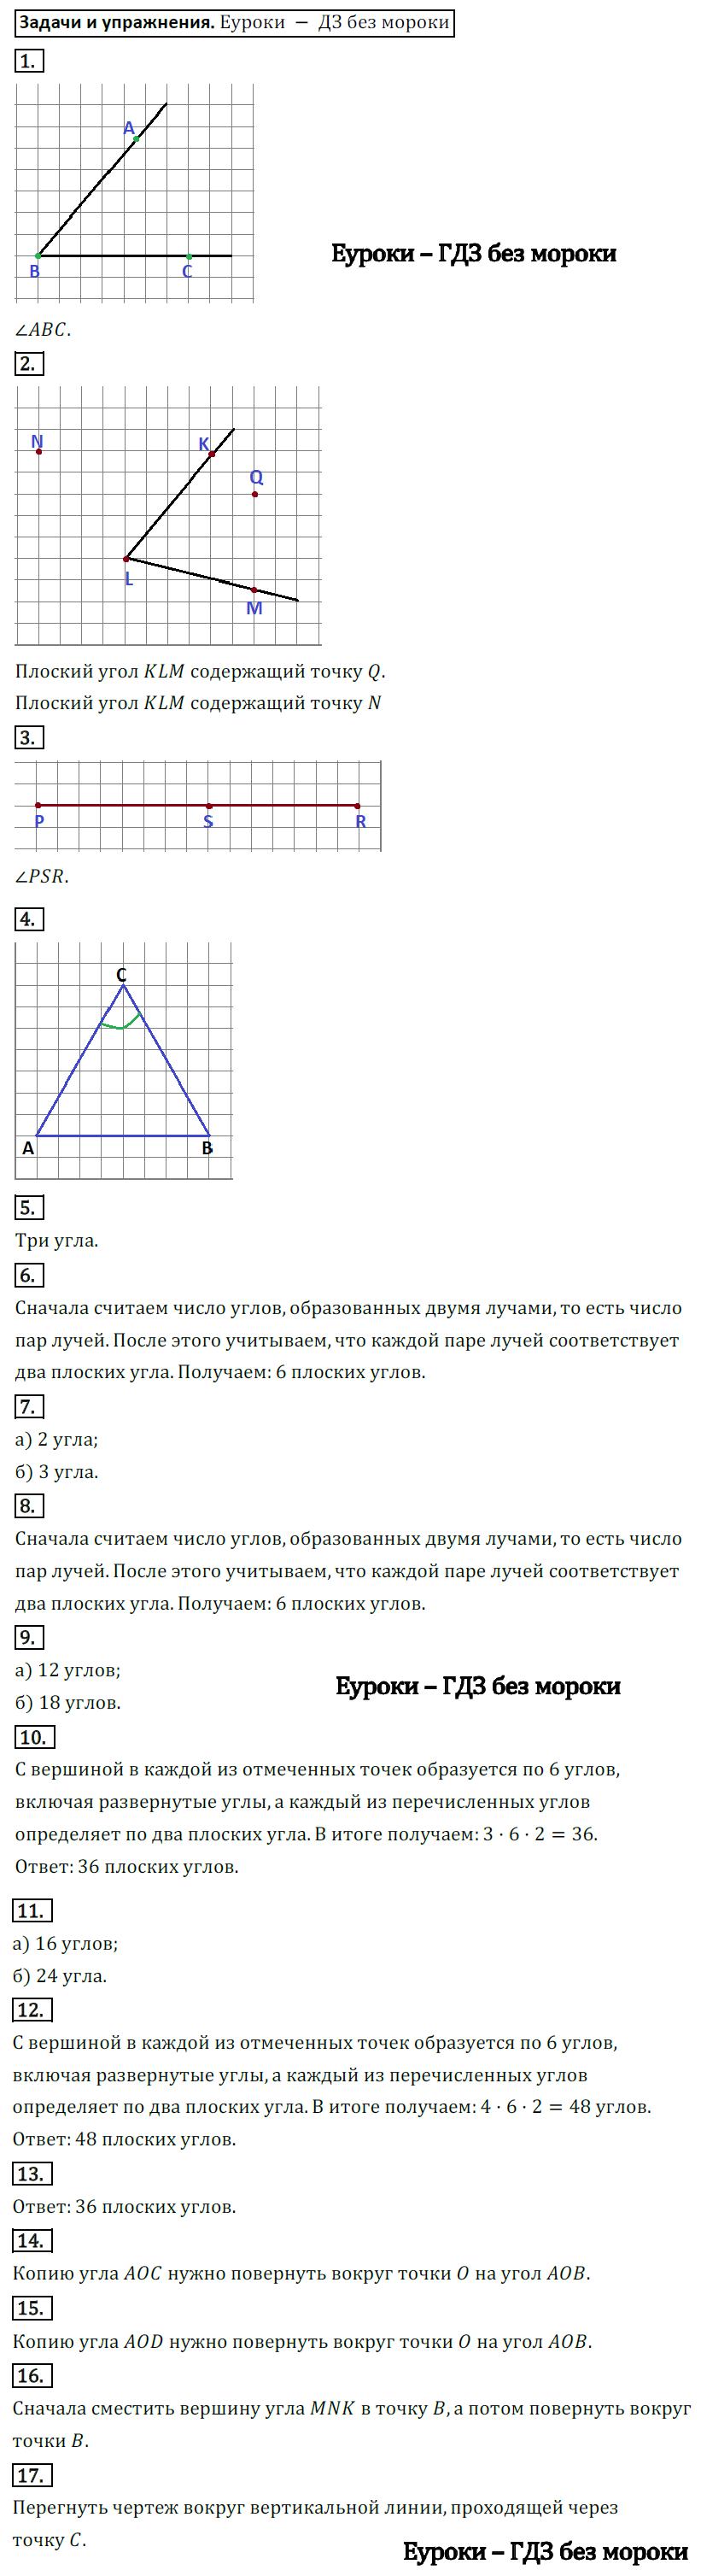 ГДЗ по математике 5 класс Козлов, Никитин Русское Слово ответы и решения онлайн Глава 8. Углы, §1. Равенство углов. Задание: Задачи и упражнения